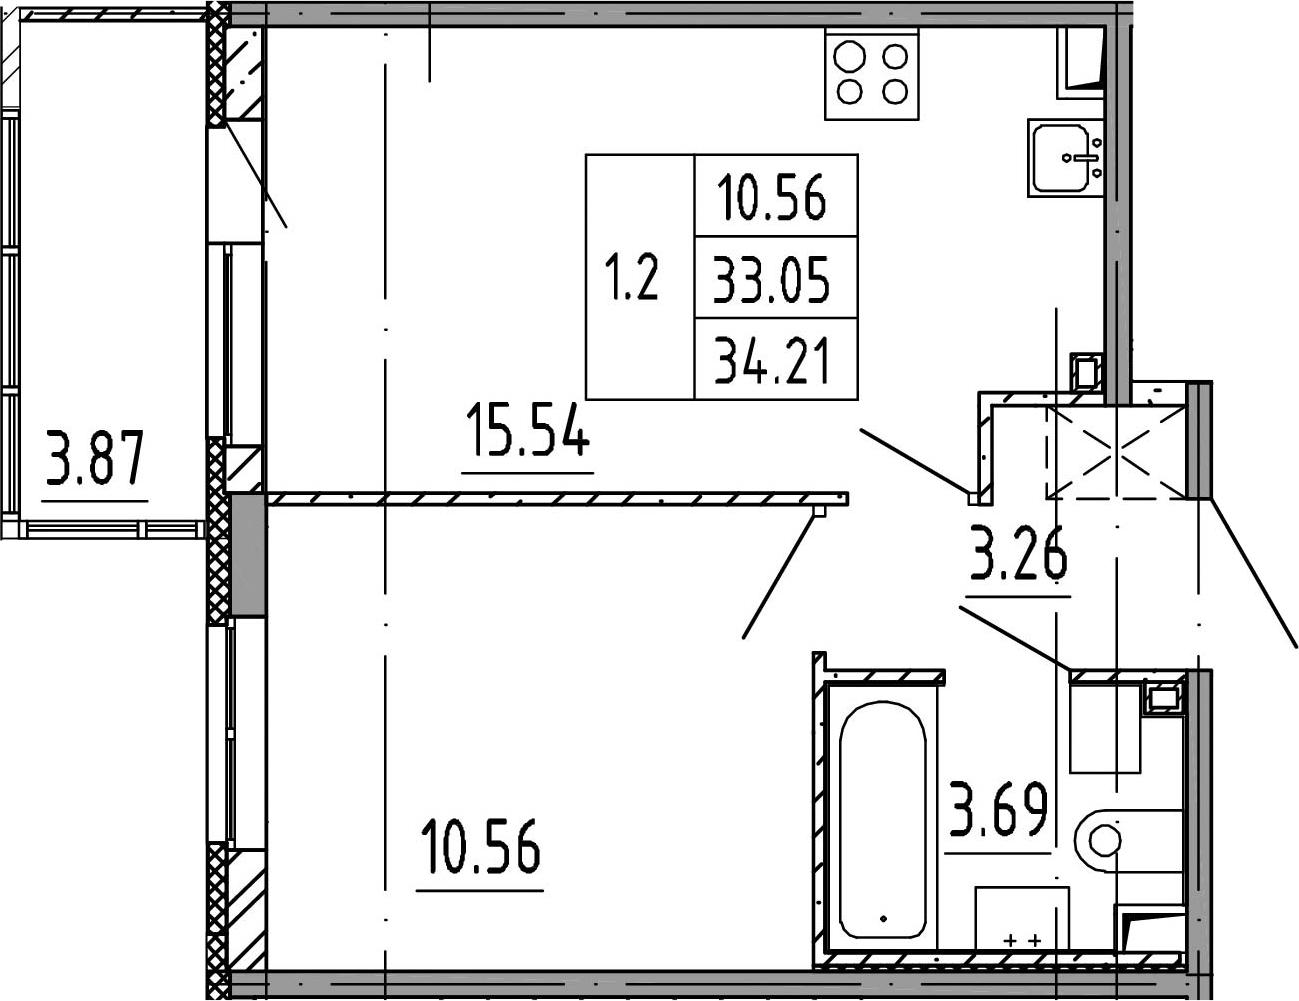 2Е-к.кв, 33.05 м², 3 этаж